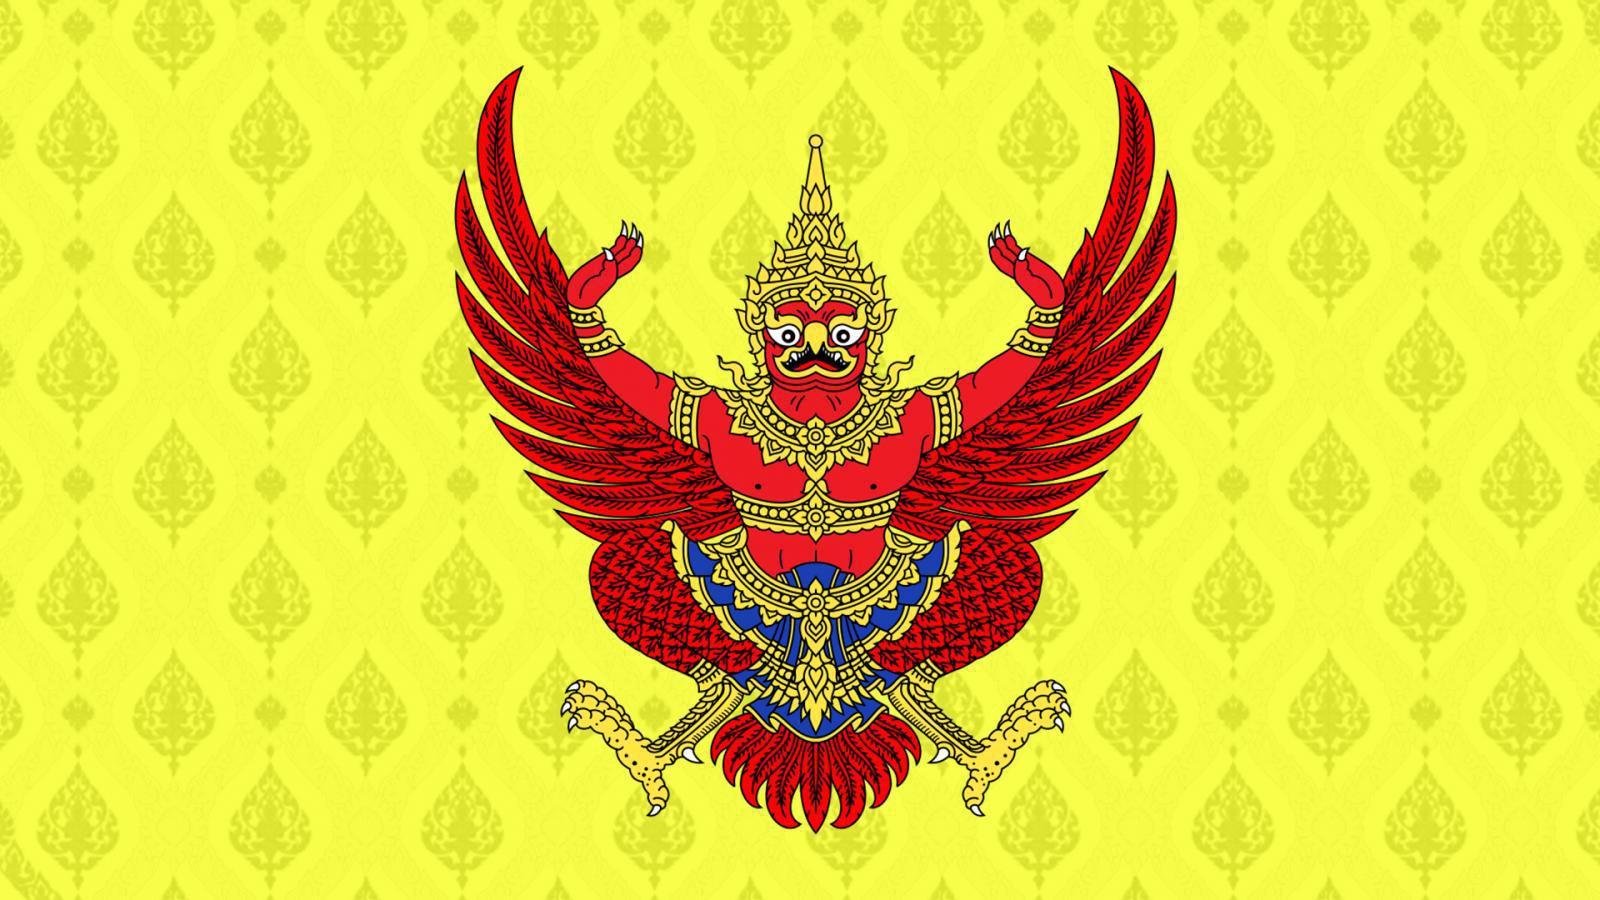 สมเด็จพระเจ้าอยู่หัว โปรดเกล้าฯ พระราชทานอภัยโทษผู้ต้องราชทัณฑ์